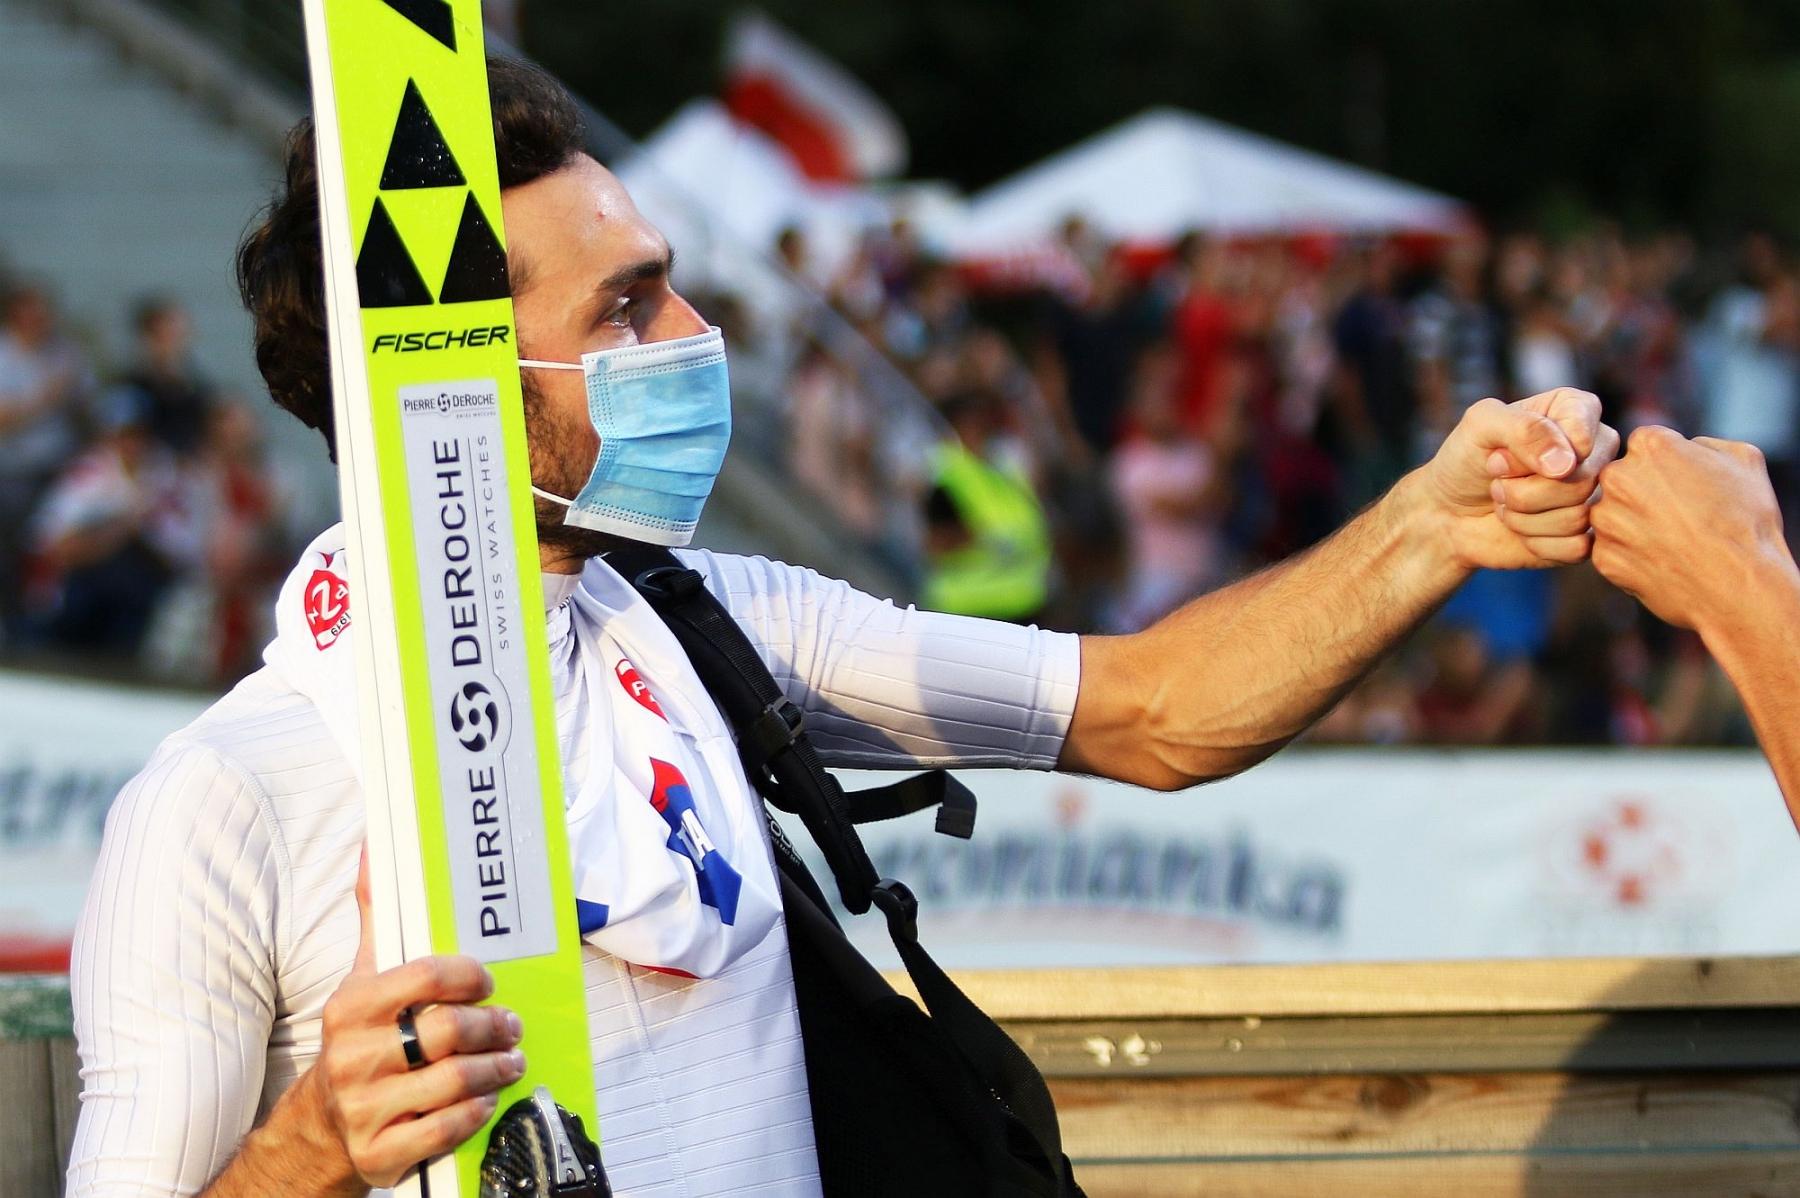 LGP Wisla2020 2konkurs fot 118 - FIS szykuje się na zimę w czasach pandemii. Jak będą wyglądały realia skoków narciarskich?